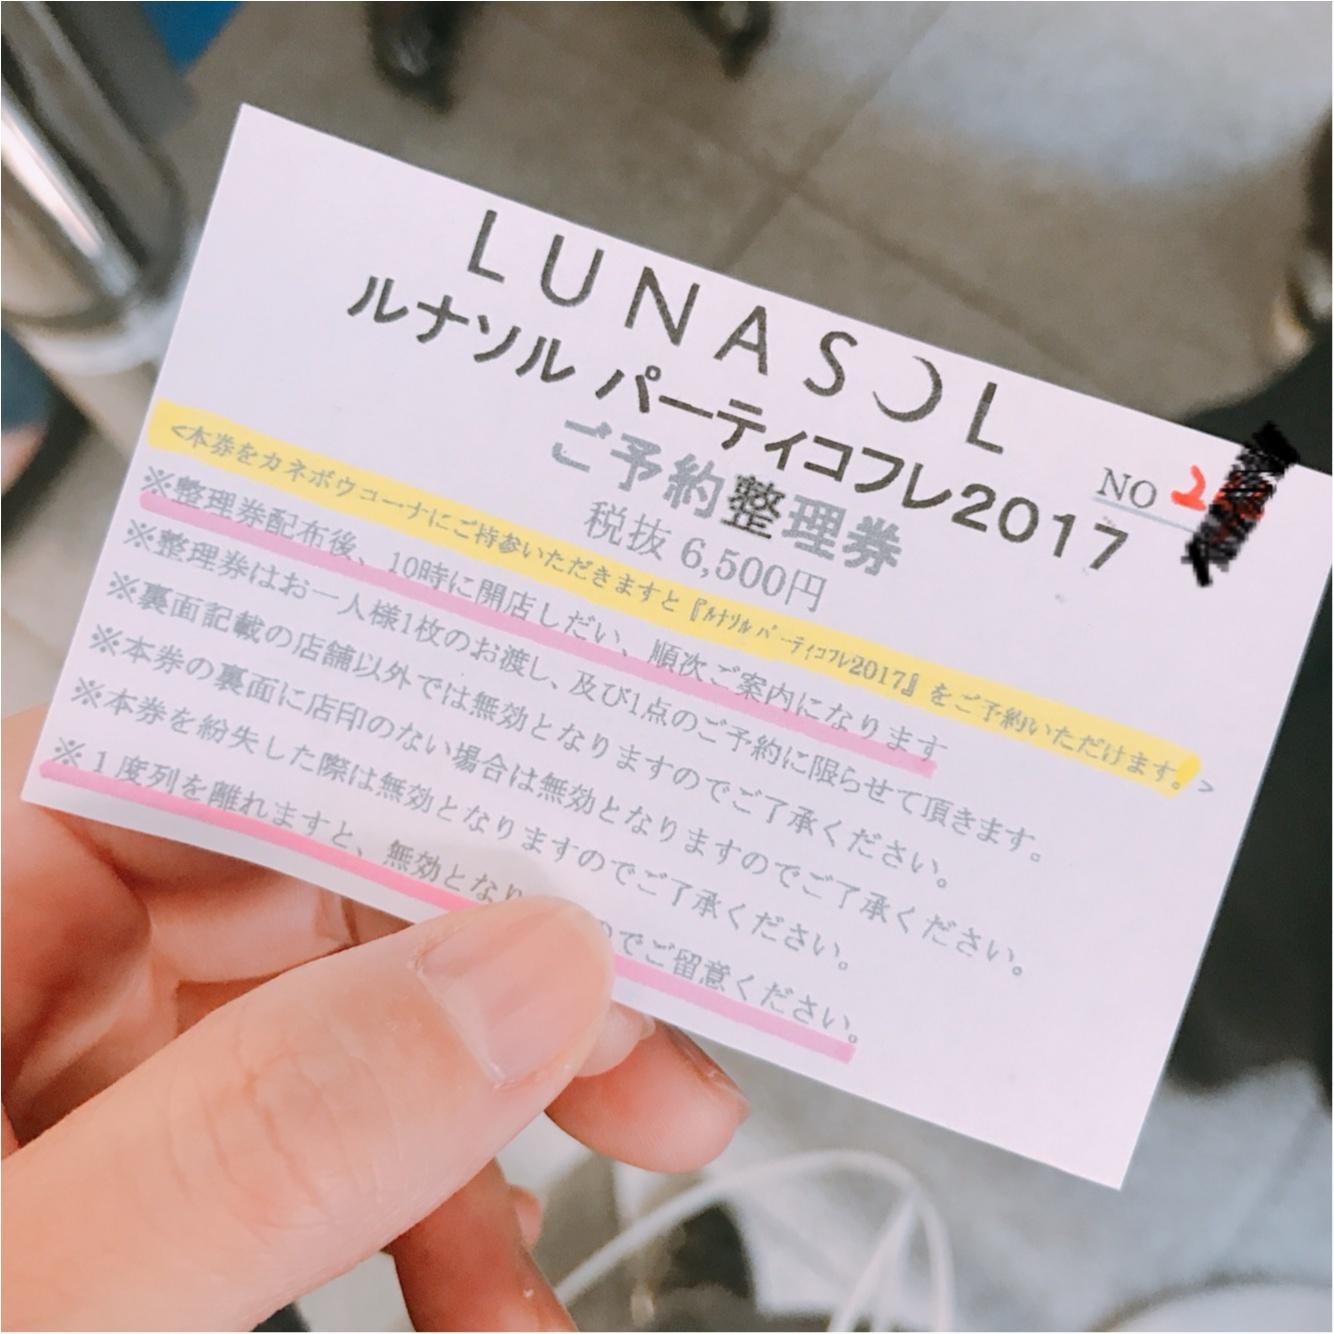 完売続出!【LUNASOL(ルナソル)】の大人気クリスマスコフレ♡私はココでgetしました!_6